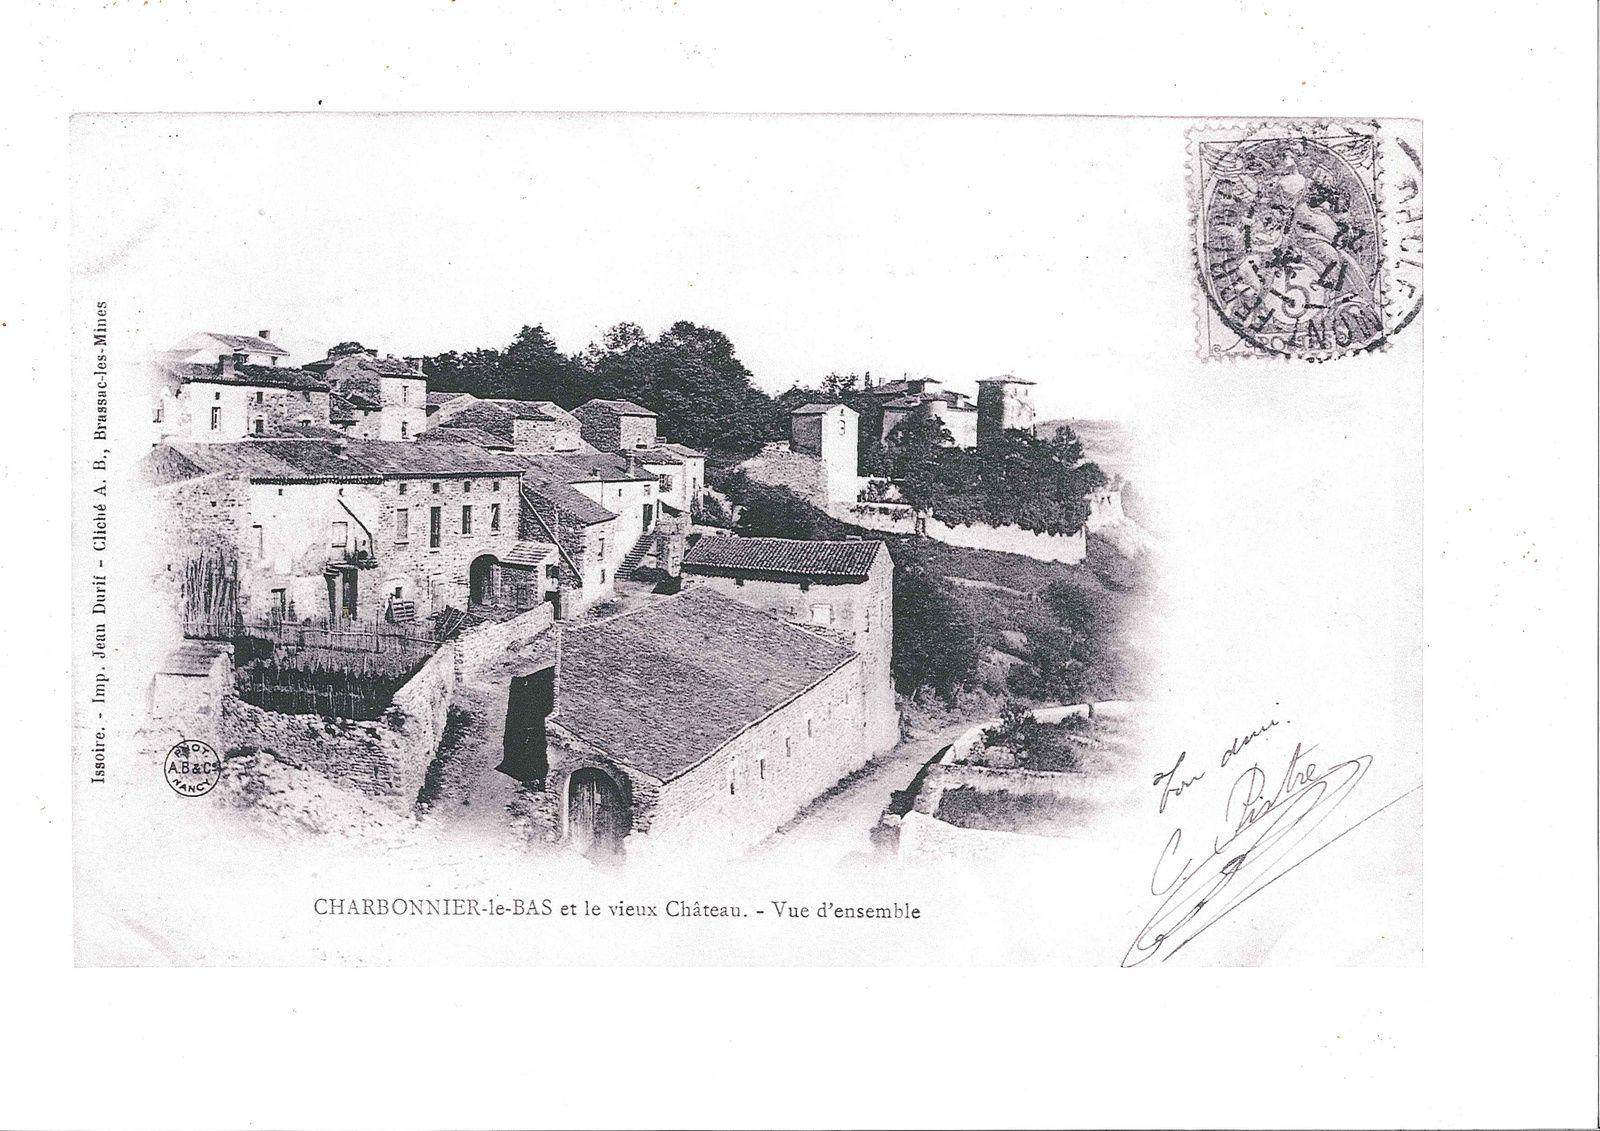 Le Château de Charbonnier et la Commanderie